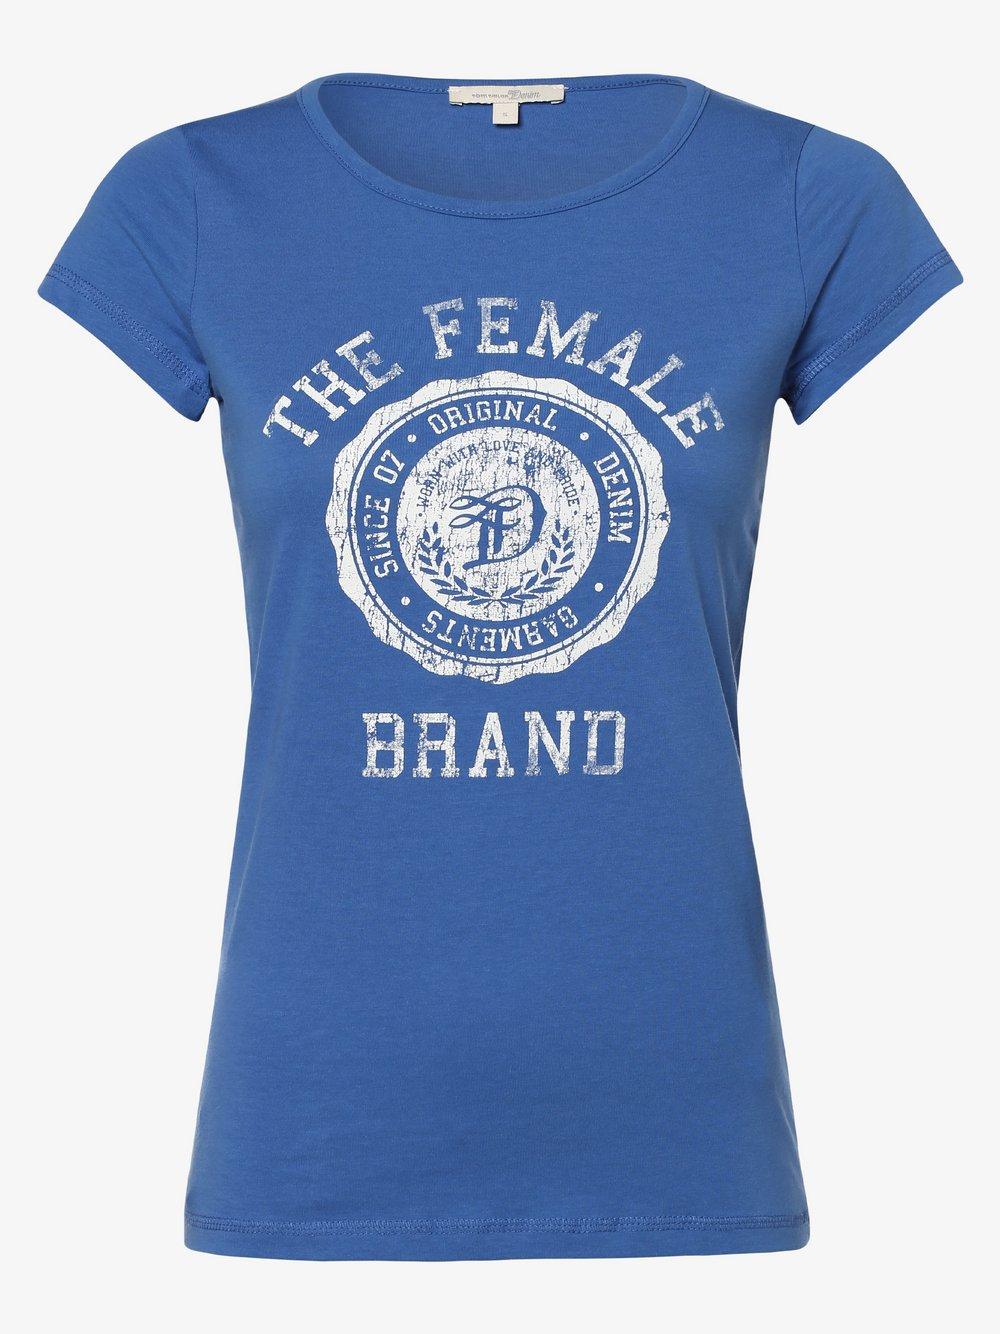 Tom Tailor Denim - T-shirt damski, niebieski